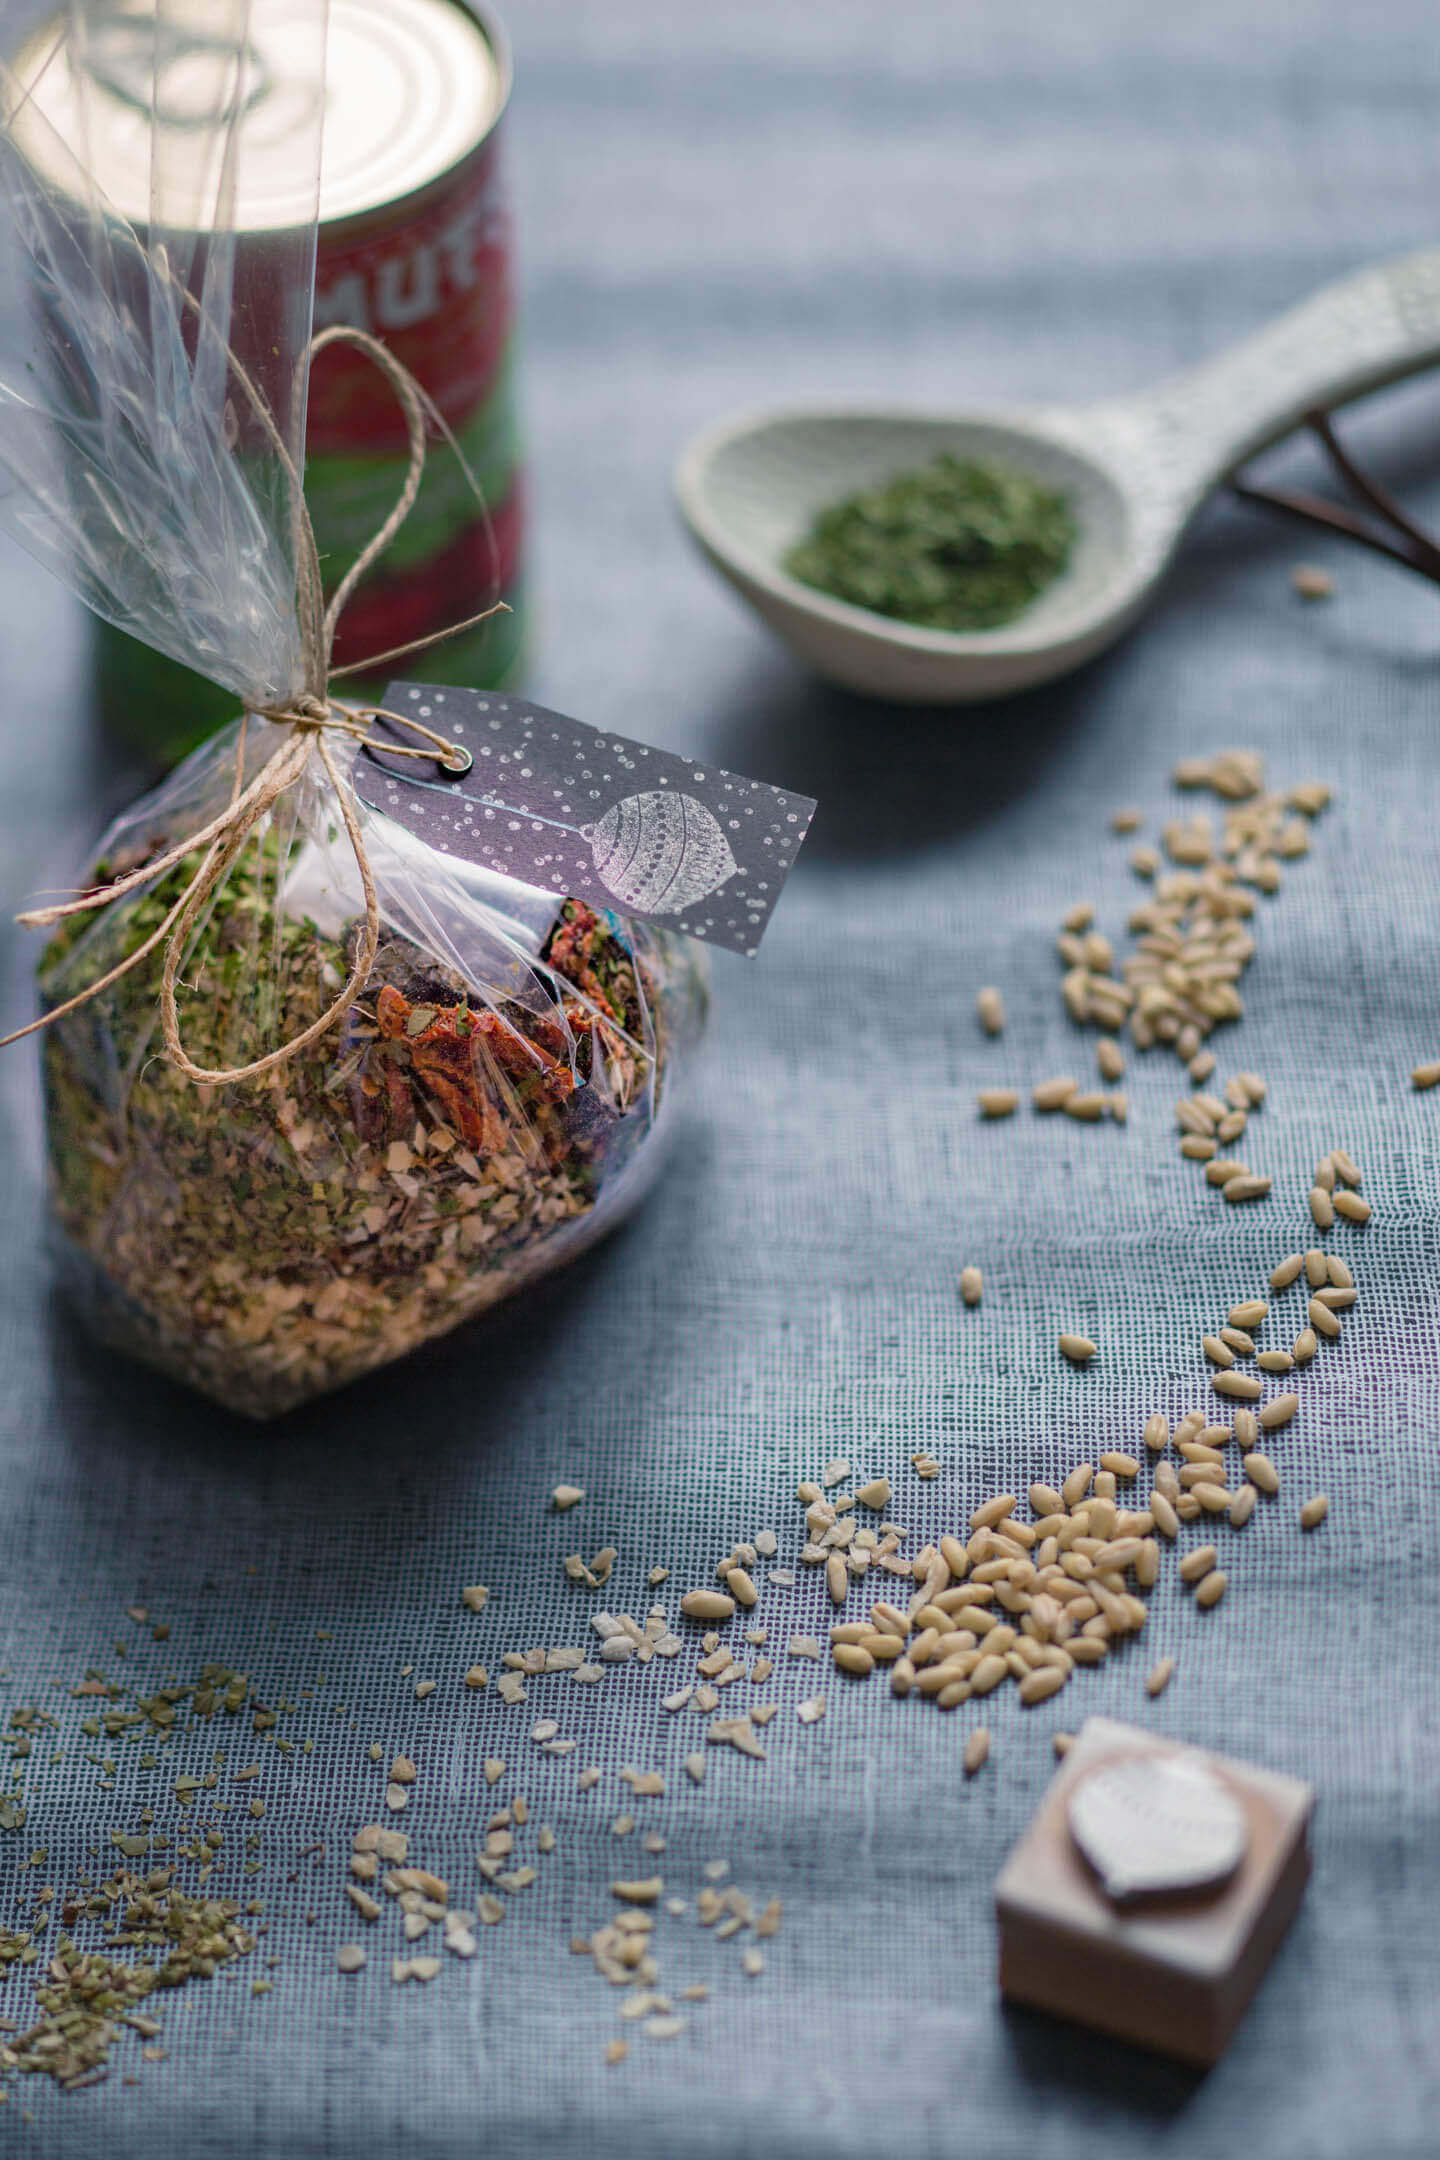 Italienische Geschenke Aus Der Küche | Geschenke Aus Der Kuche Alle Jahre Wieder Made With Aloha